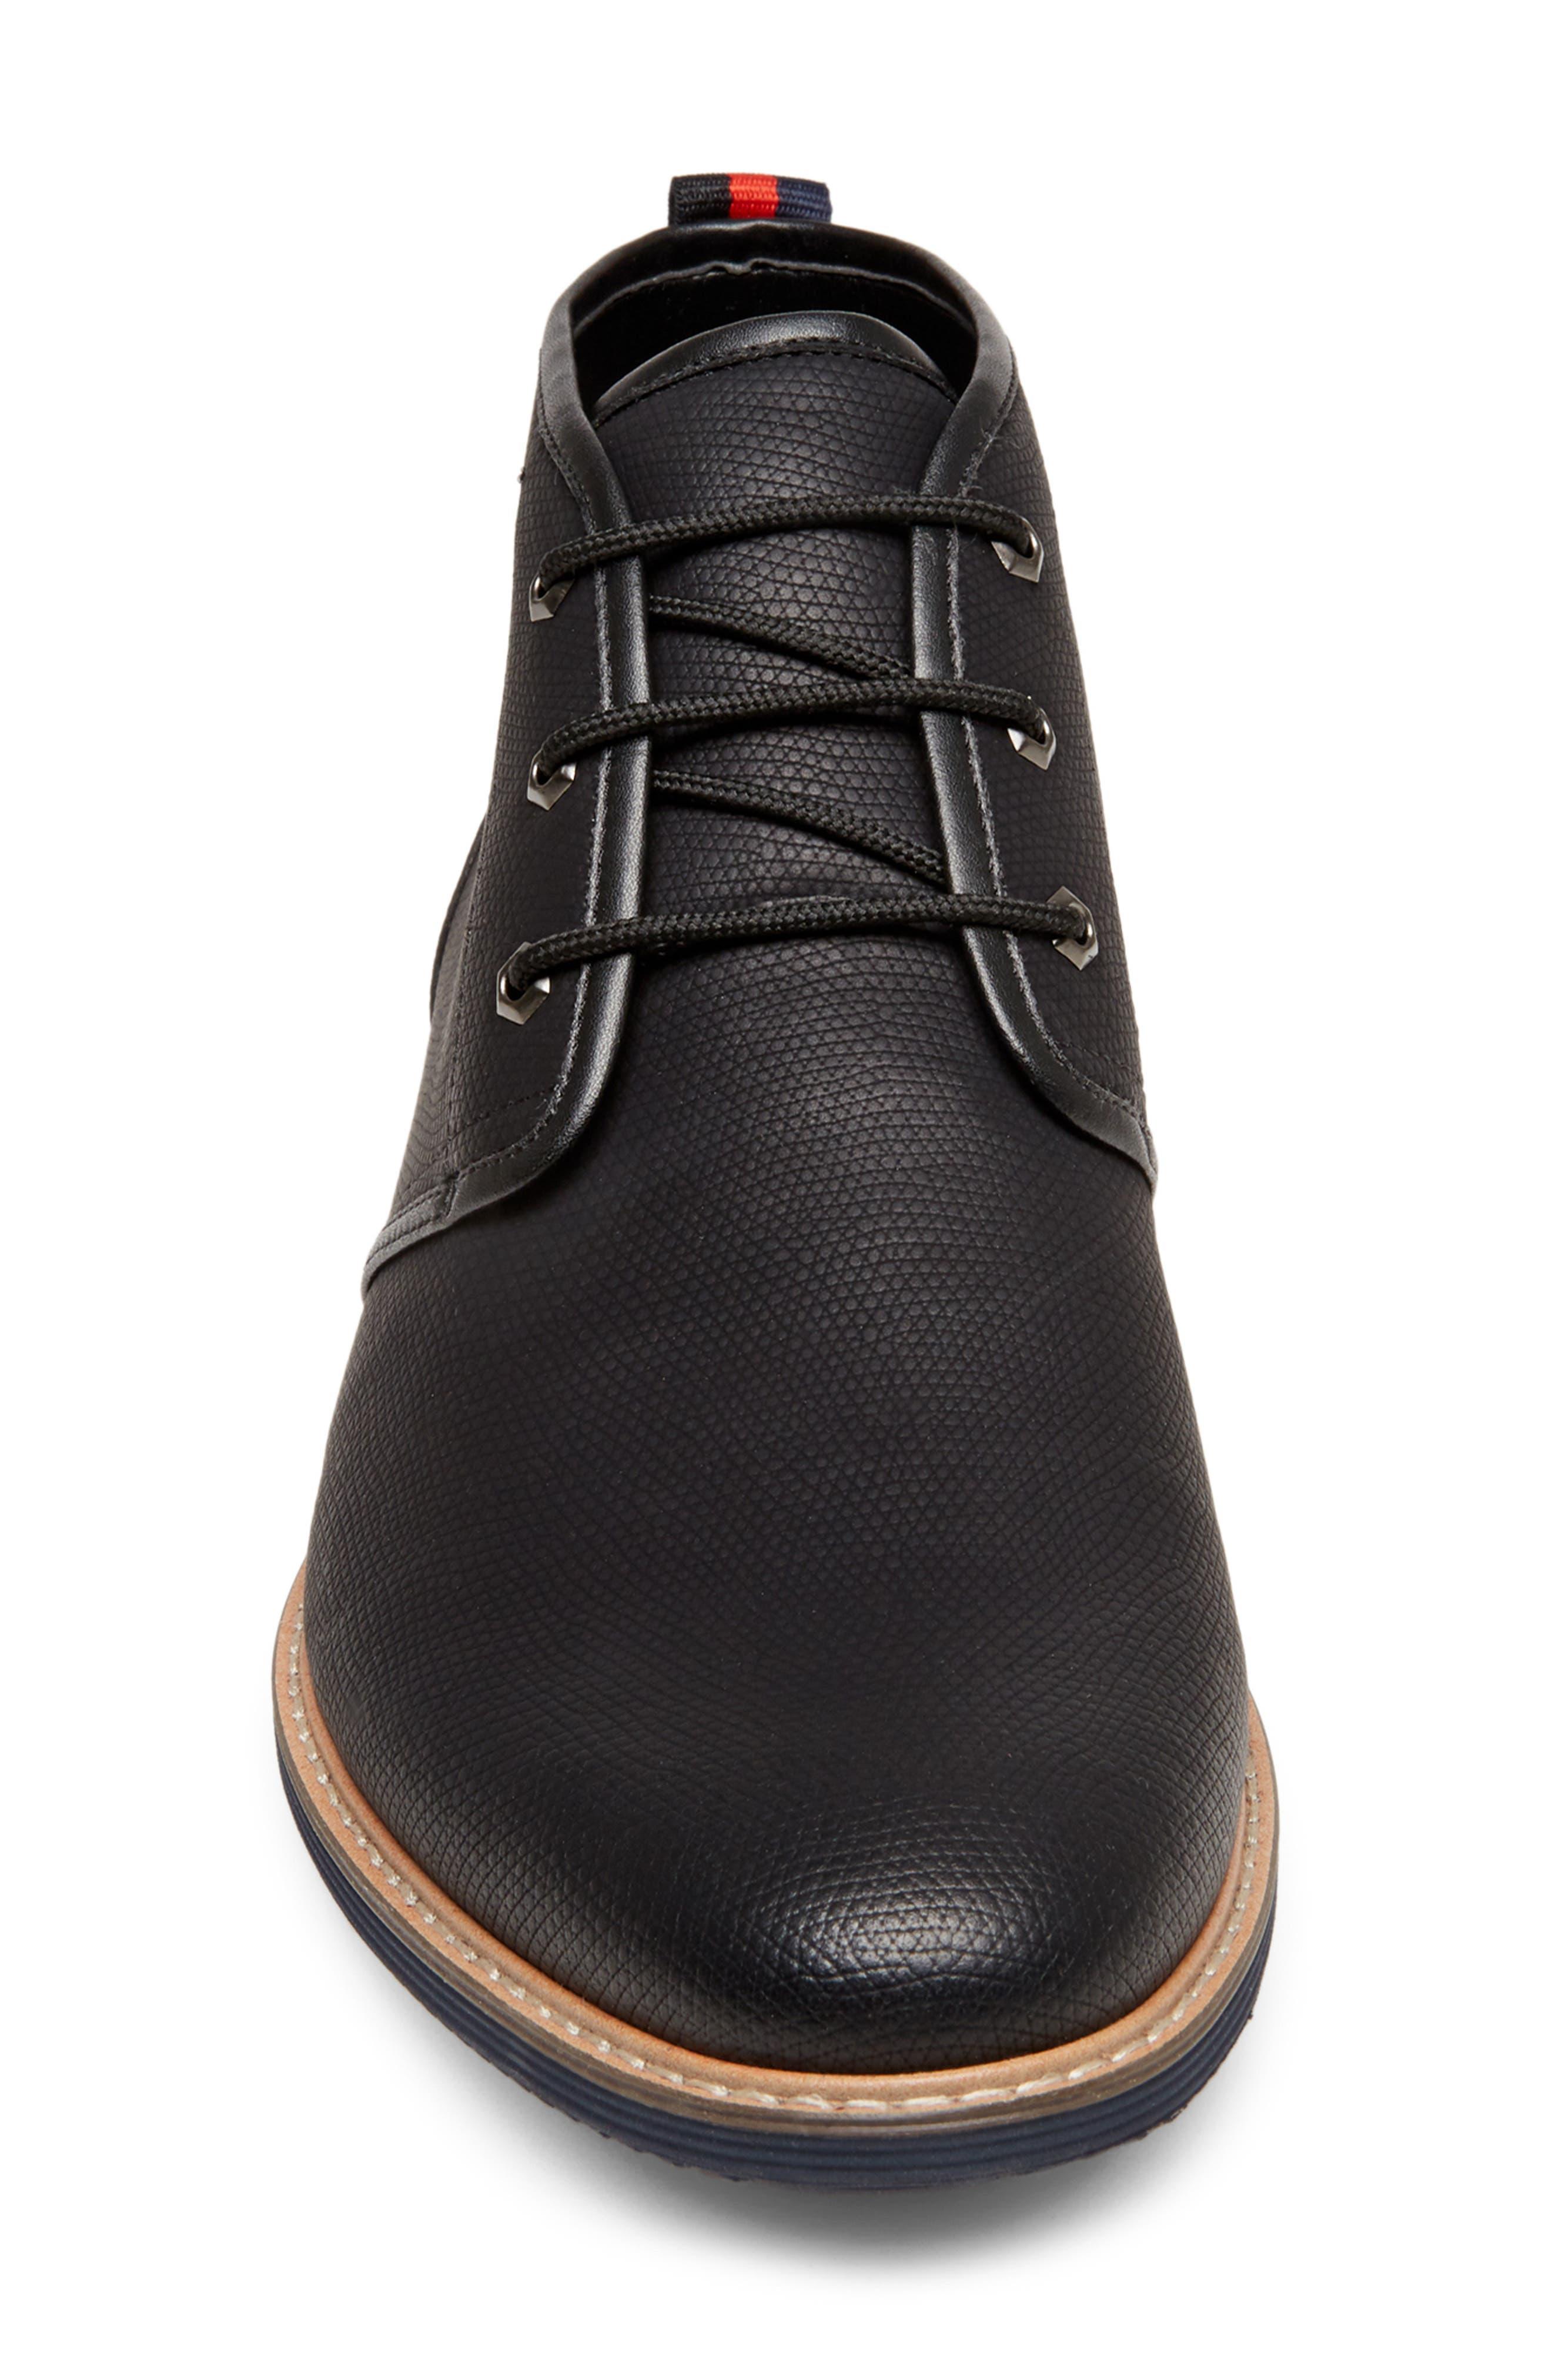 STEVE MADDEN, Nurture Plain Toe Boot, Alternate thumbnail 4, color, 002